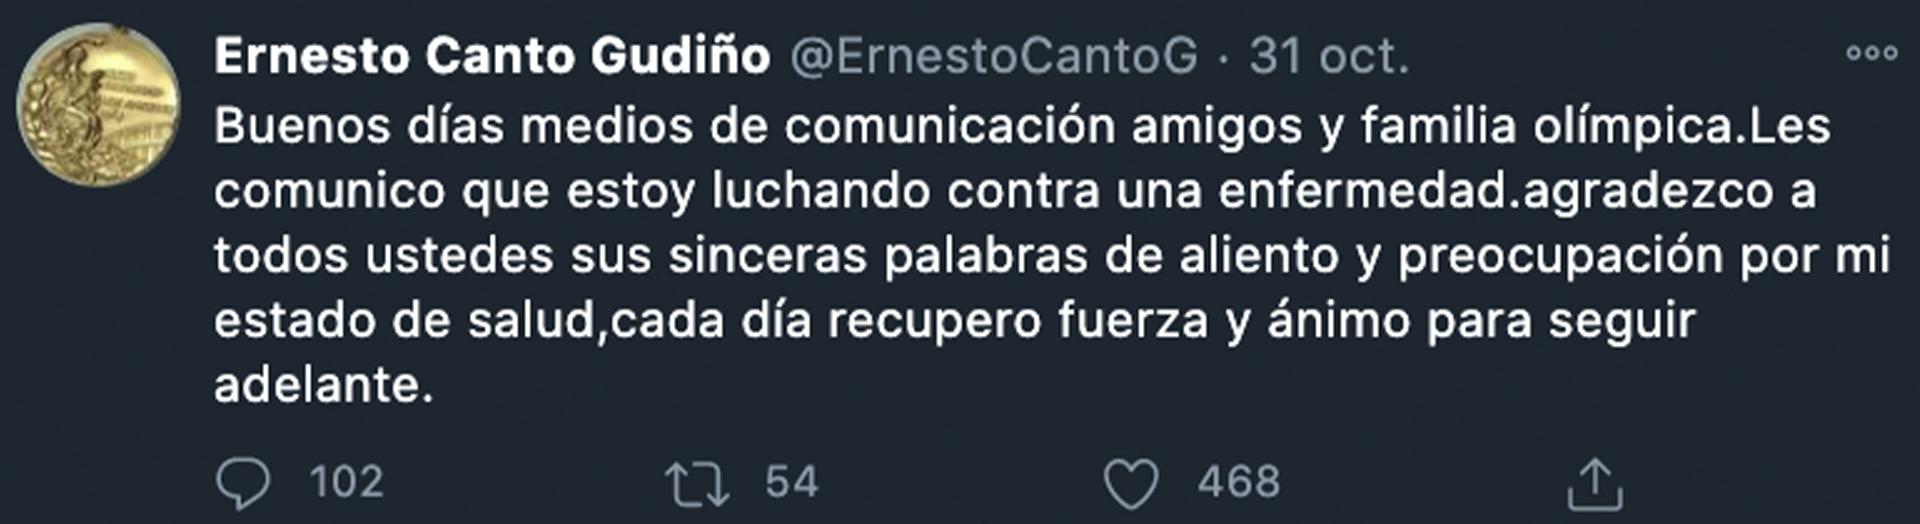 Este fue el twit que compartió el marchista  sobre la donación de sangre Foto: Twitter@ErnestoCantoG)